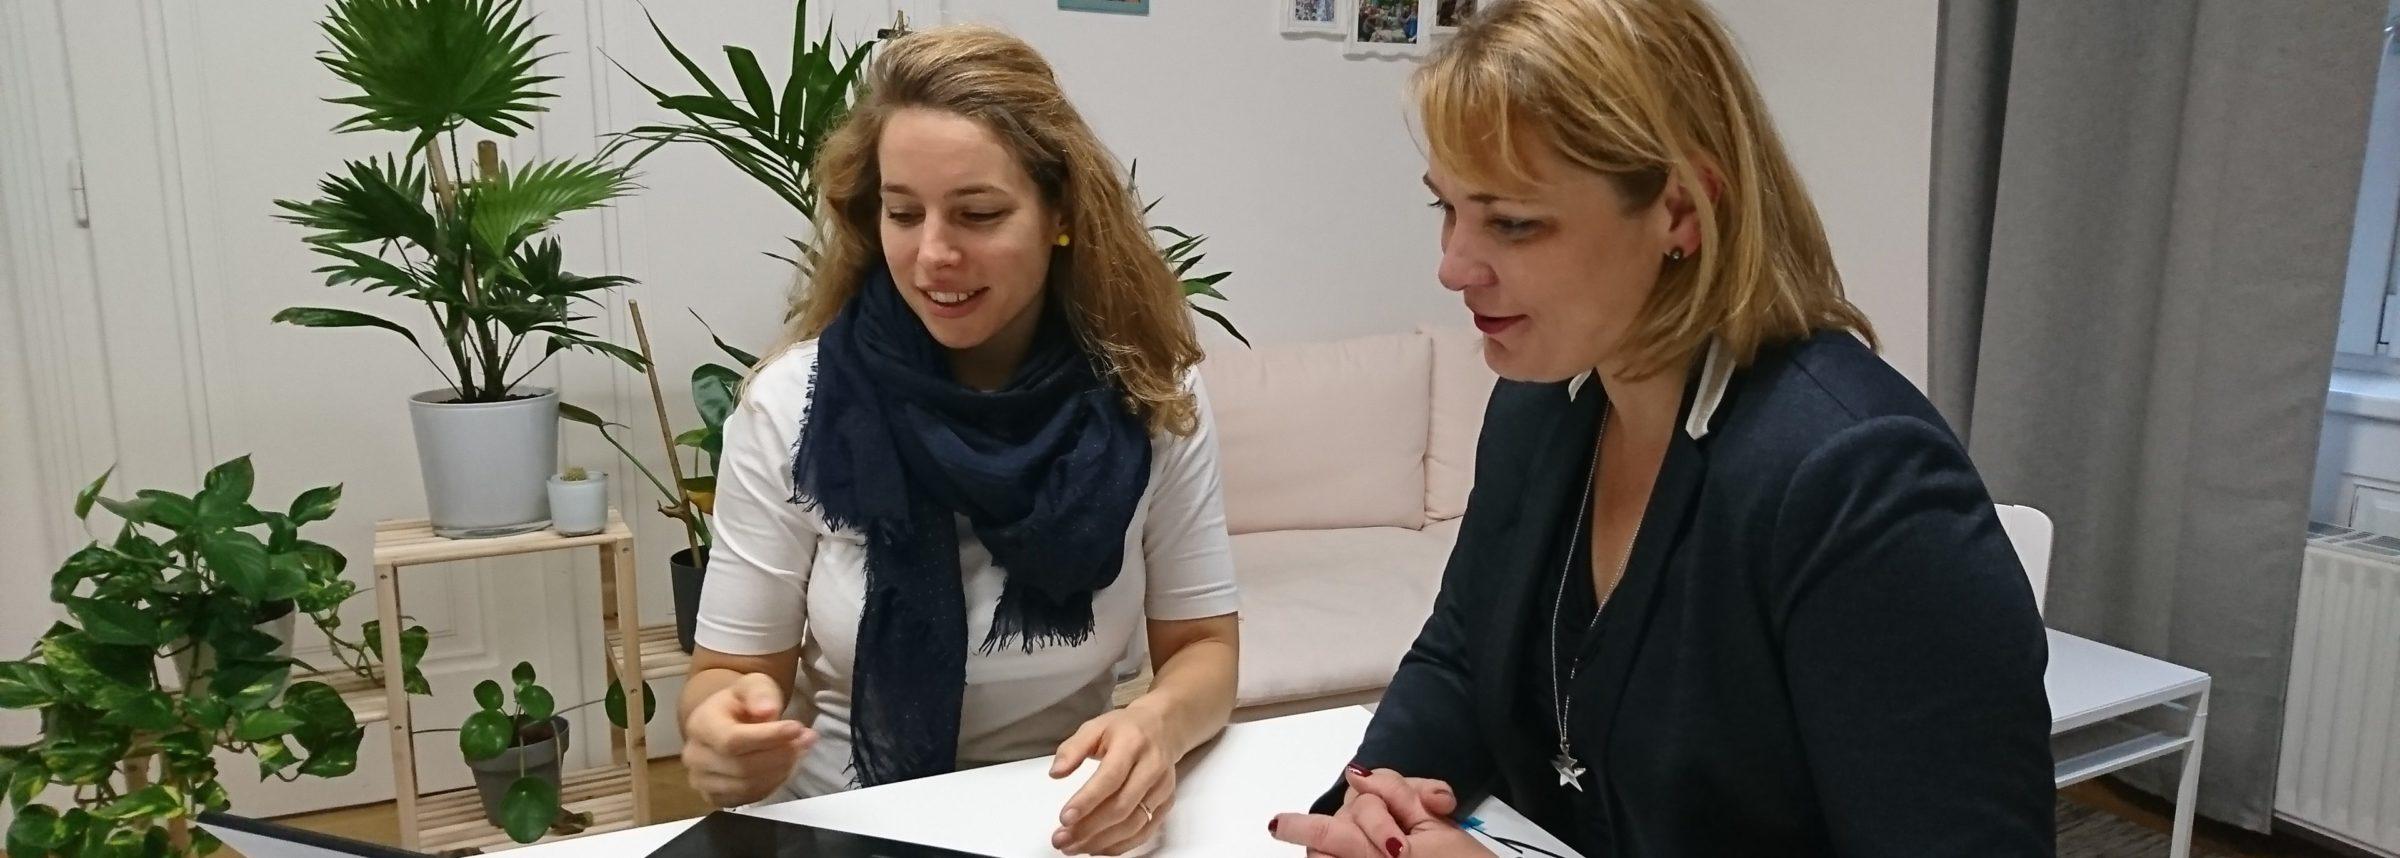 ÖGV Veranstaltungen Frau: WILLKOMMEN 2020 im Forum Frau im österreichischen Gewerbeverein